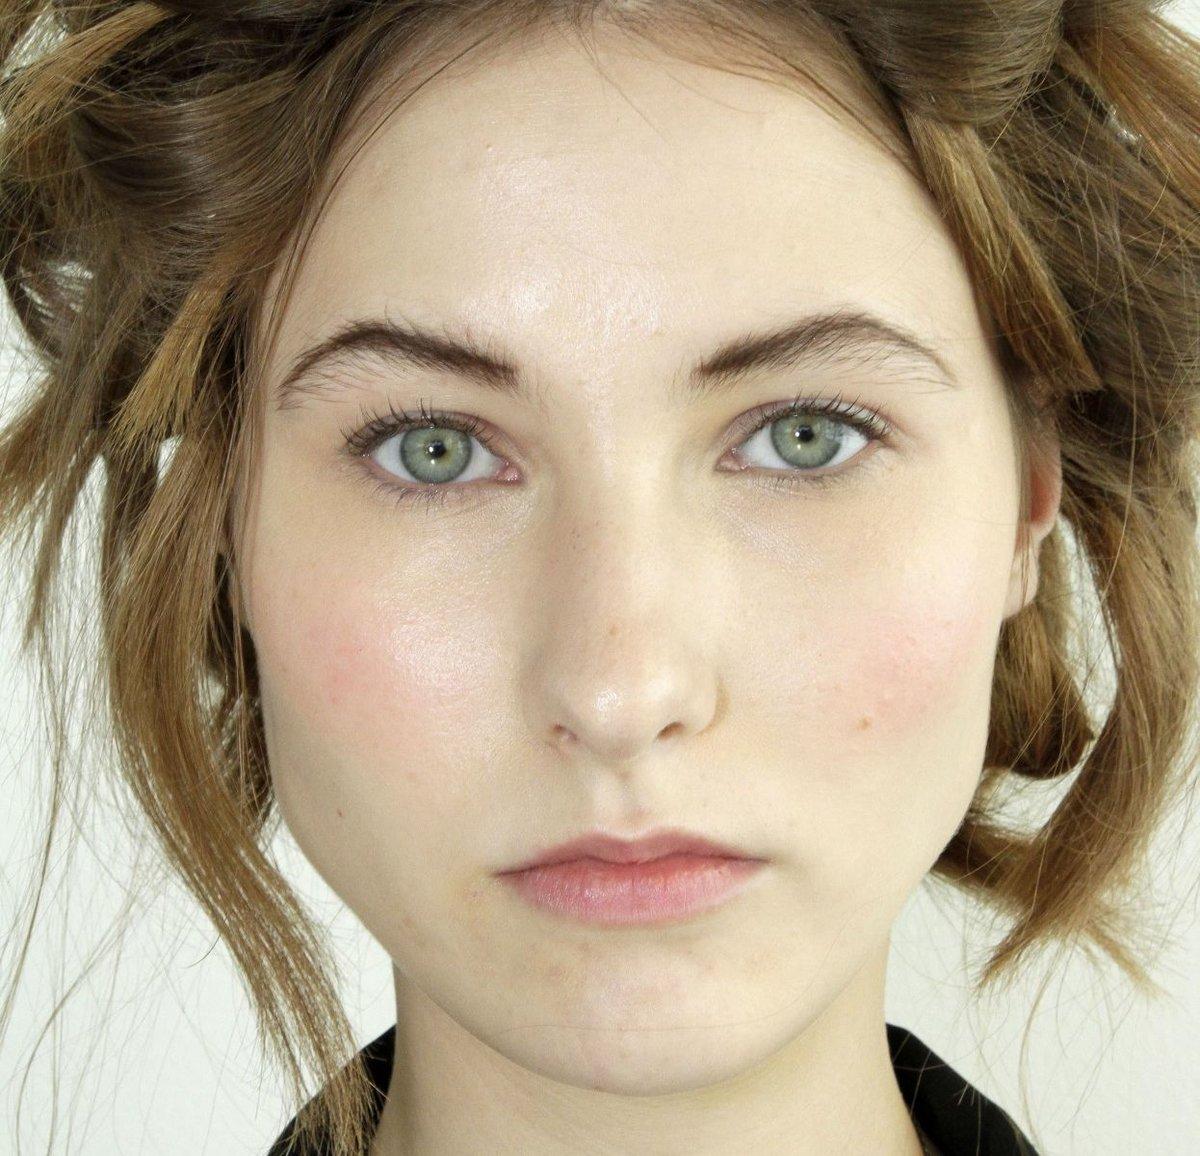 Натуральная красота девушки фото без косметики